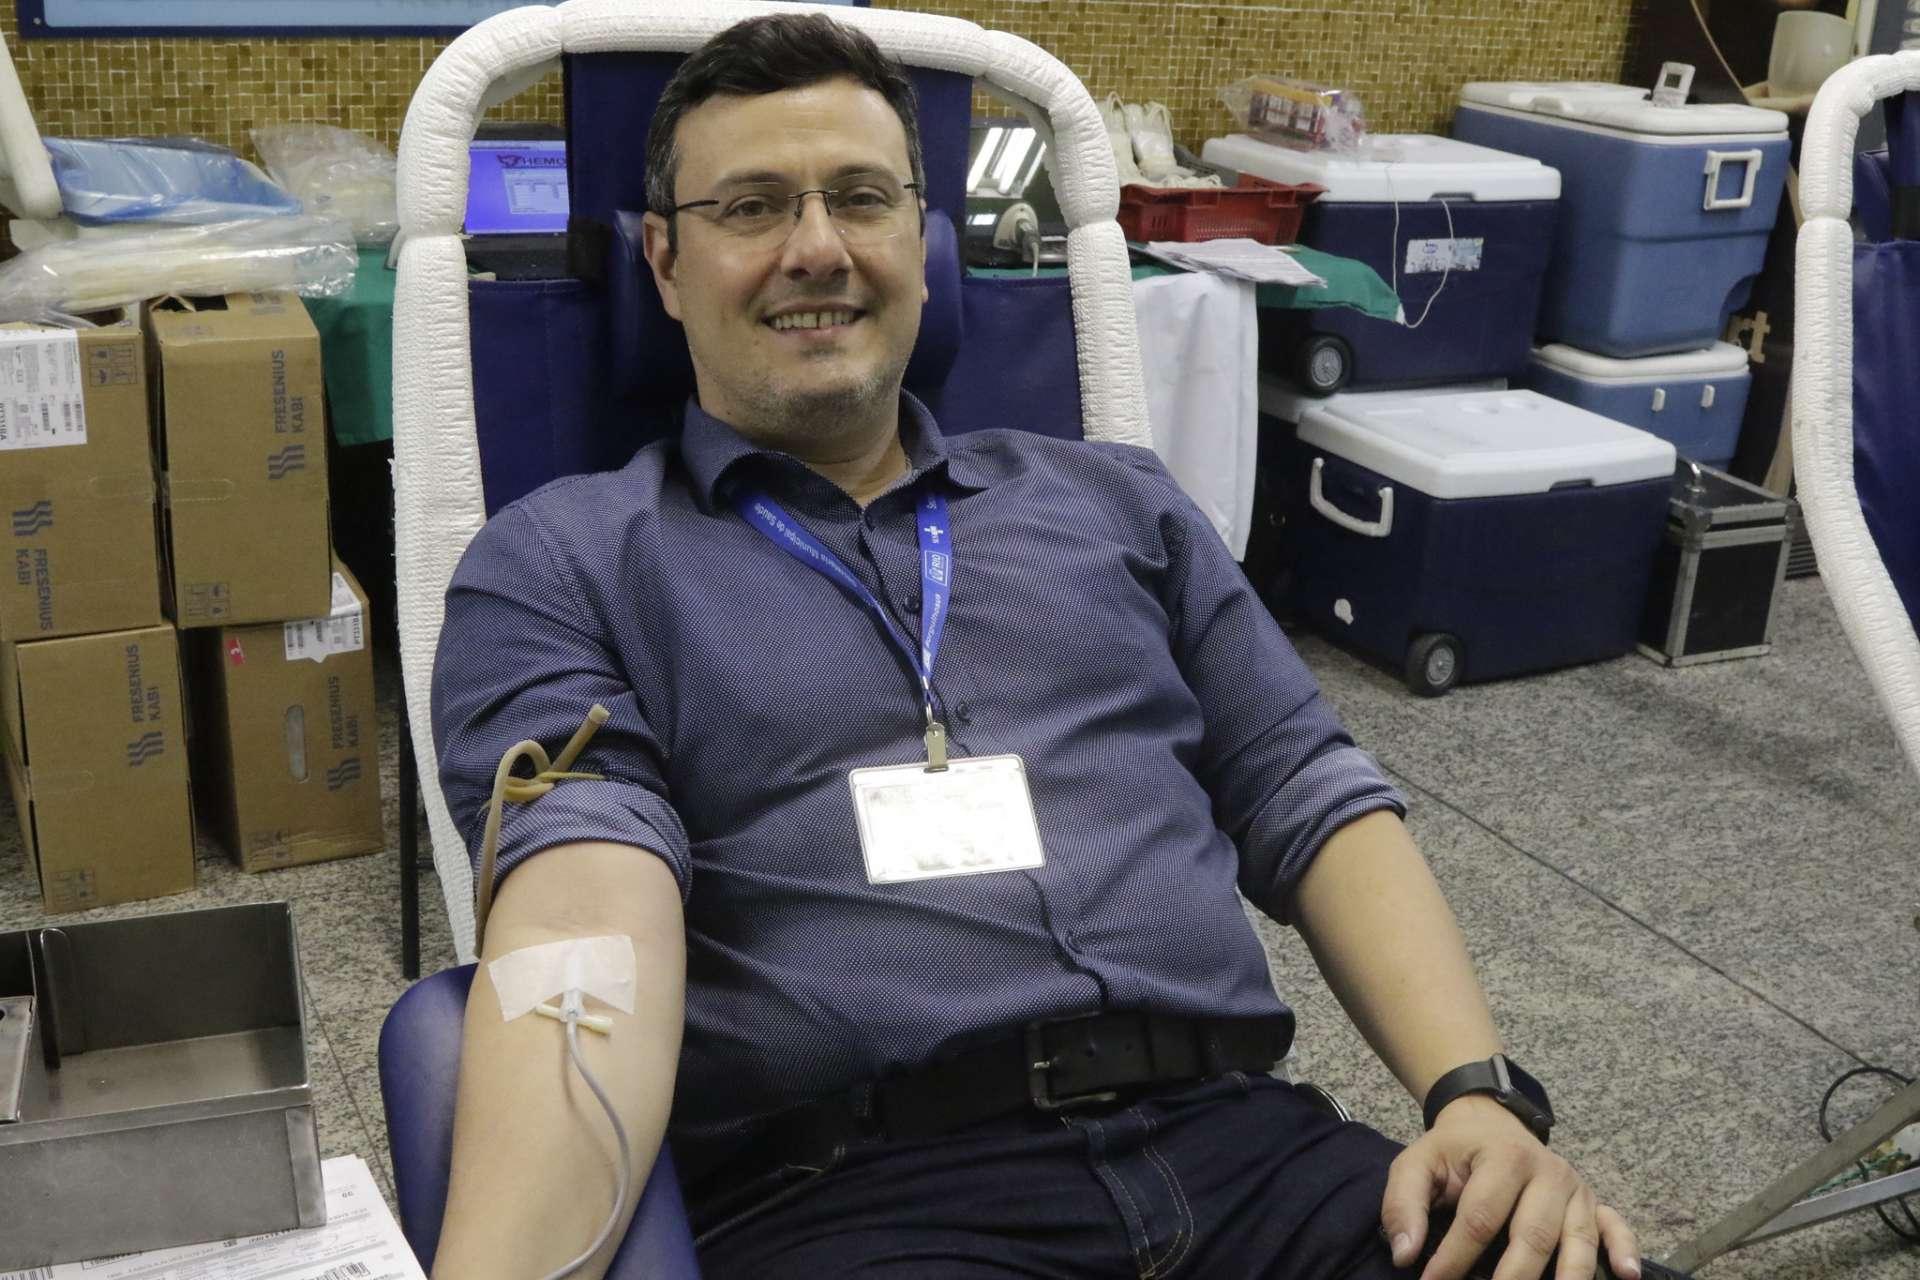 Doação de sangue no Miguel Couto